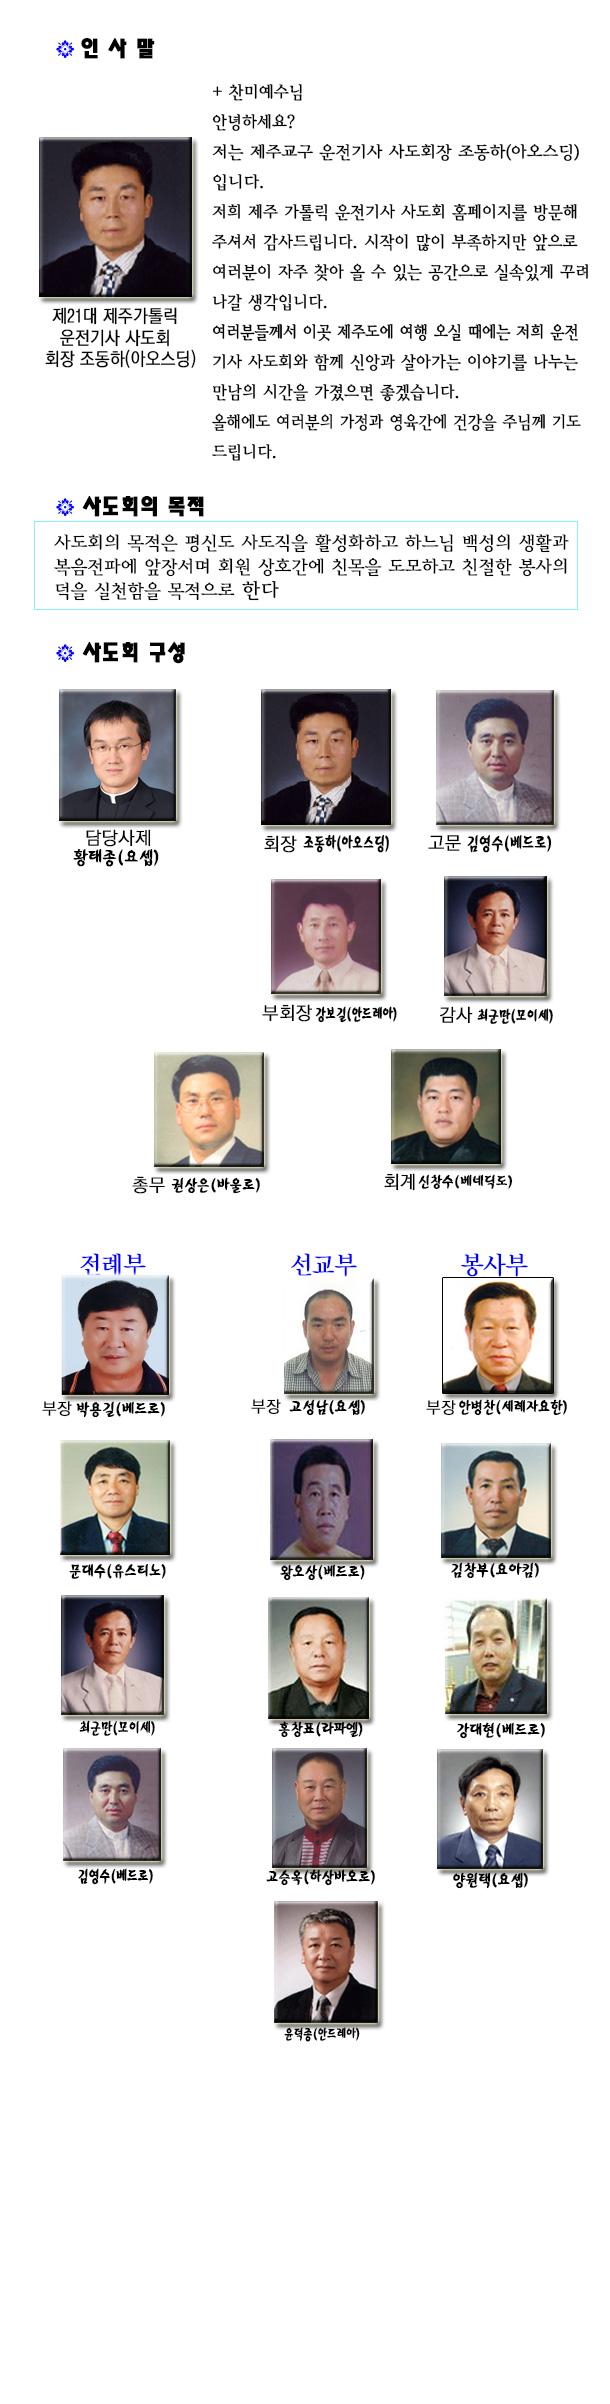 사도회인사-20210123.jpg